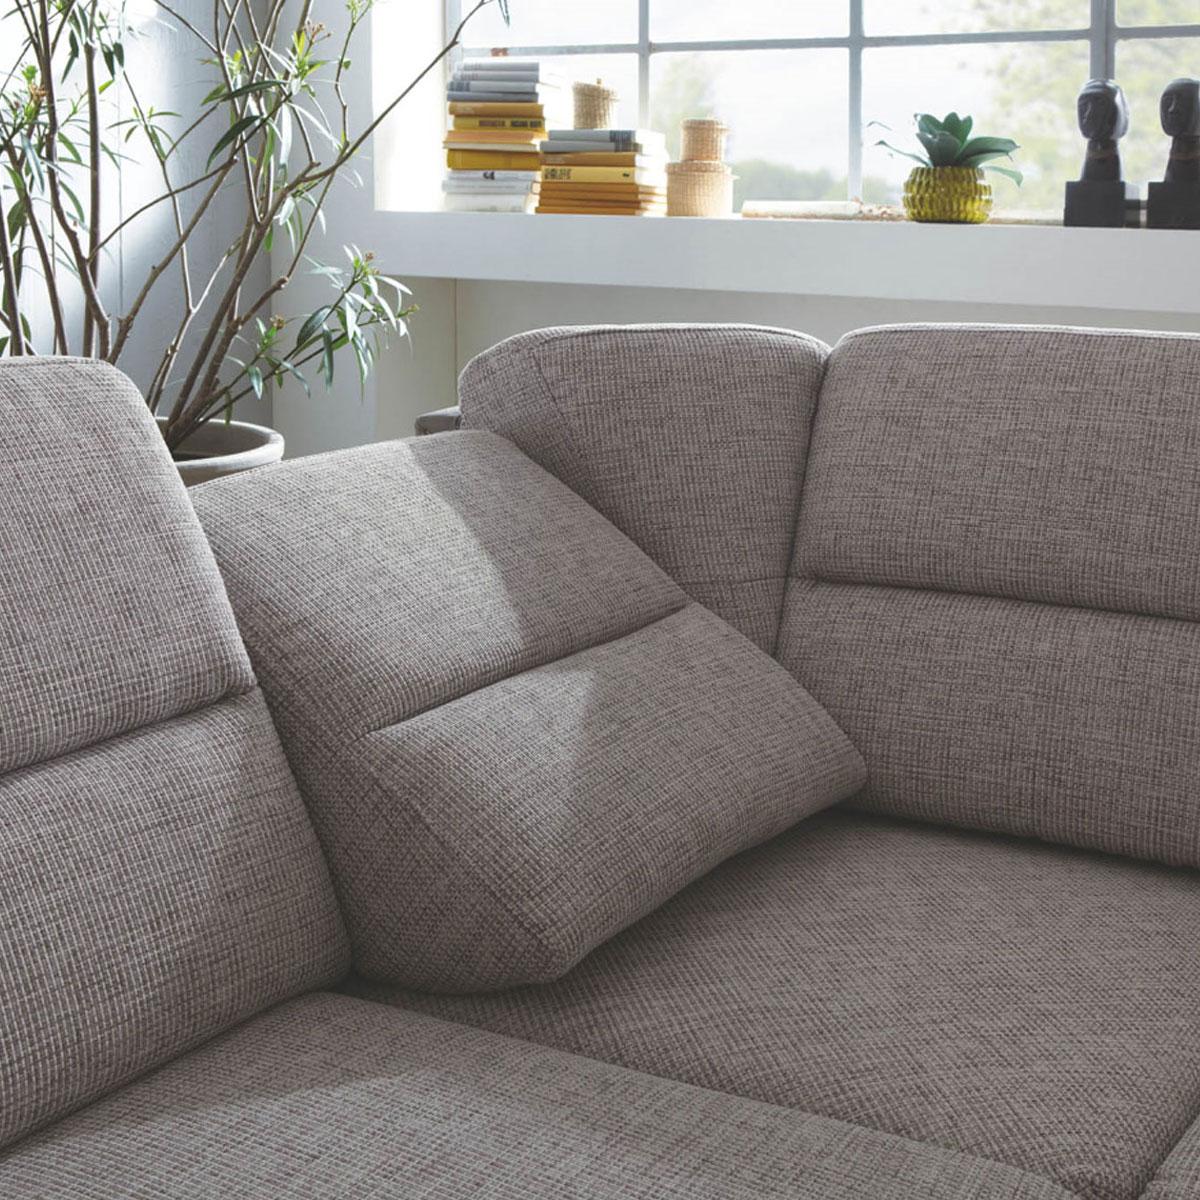 Full Size of Sofa Dayton Hochwertige Wohnlandschaft In U Form Mit Hellgrauen Bezug Muuto Landhaus Schlafzimmer Fenster Drutex Stuhl Für Rauch Ikea Schlaffunktion Wohnzimmer Sofabezug U Form